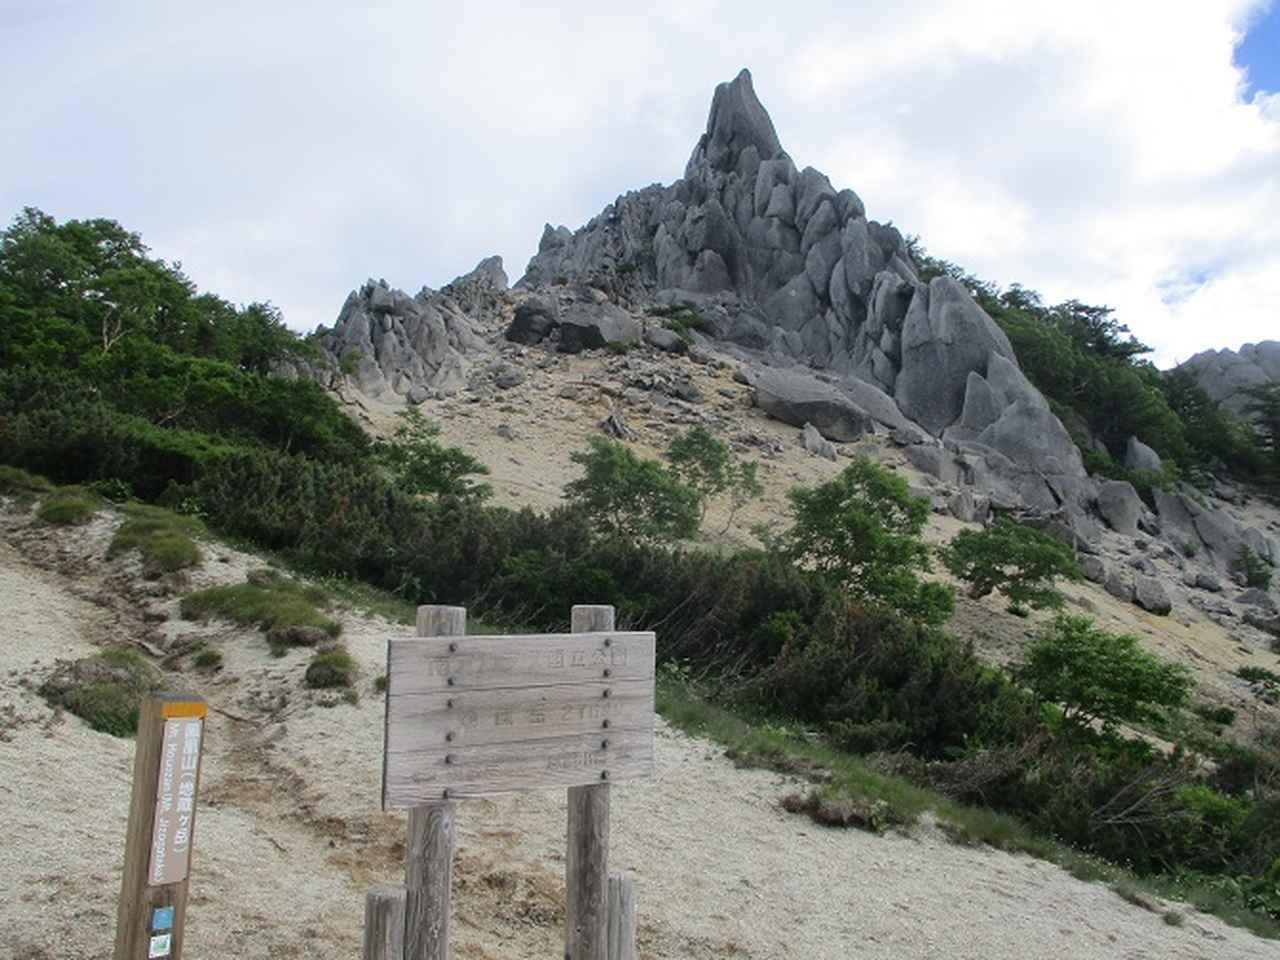 画像5: 来年夏のツアーの素材を探して南アルプスの 鳳凰三山 を歩いてきました♪